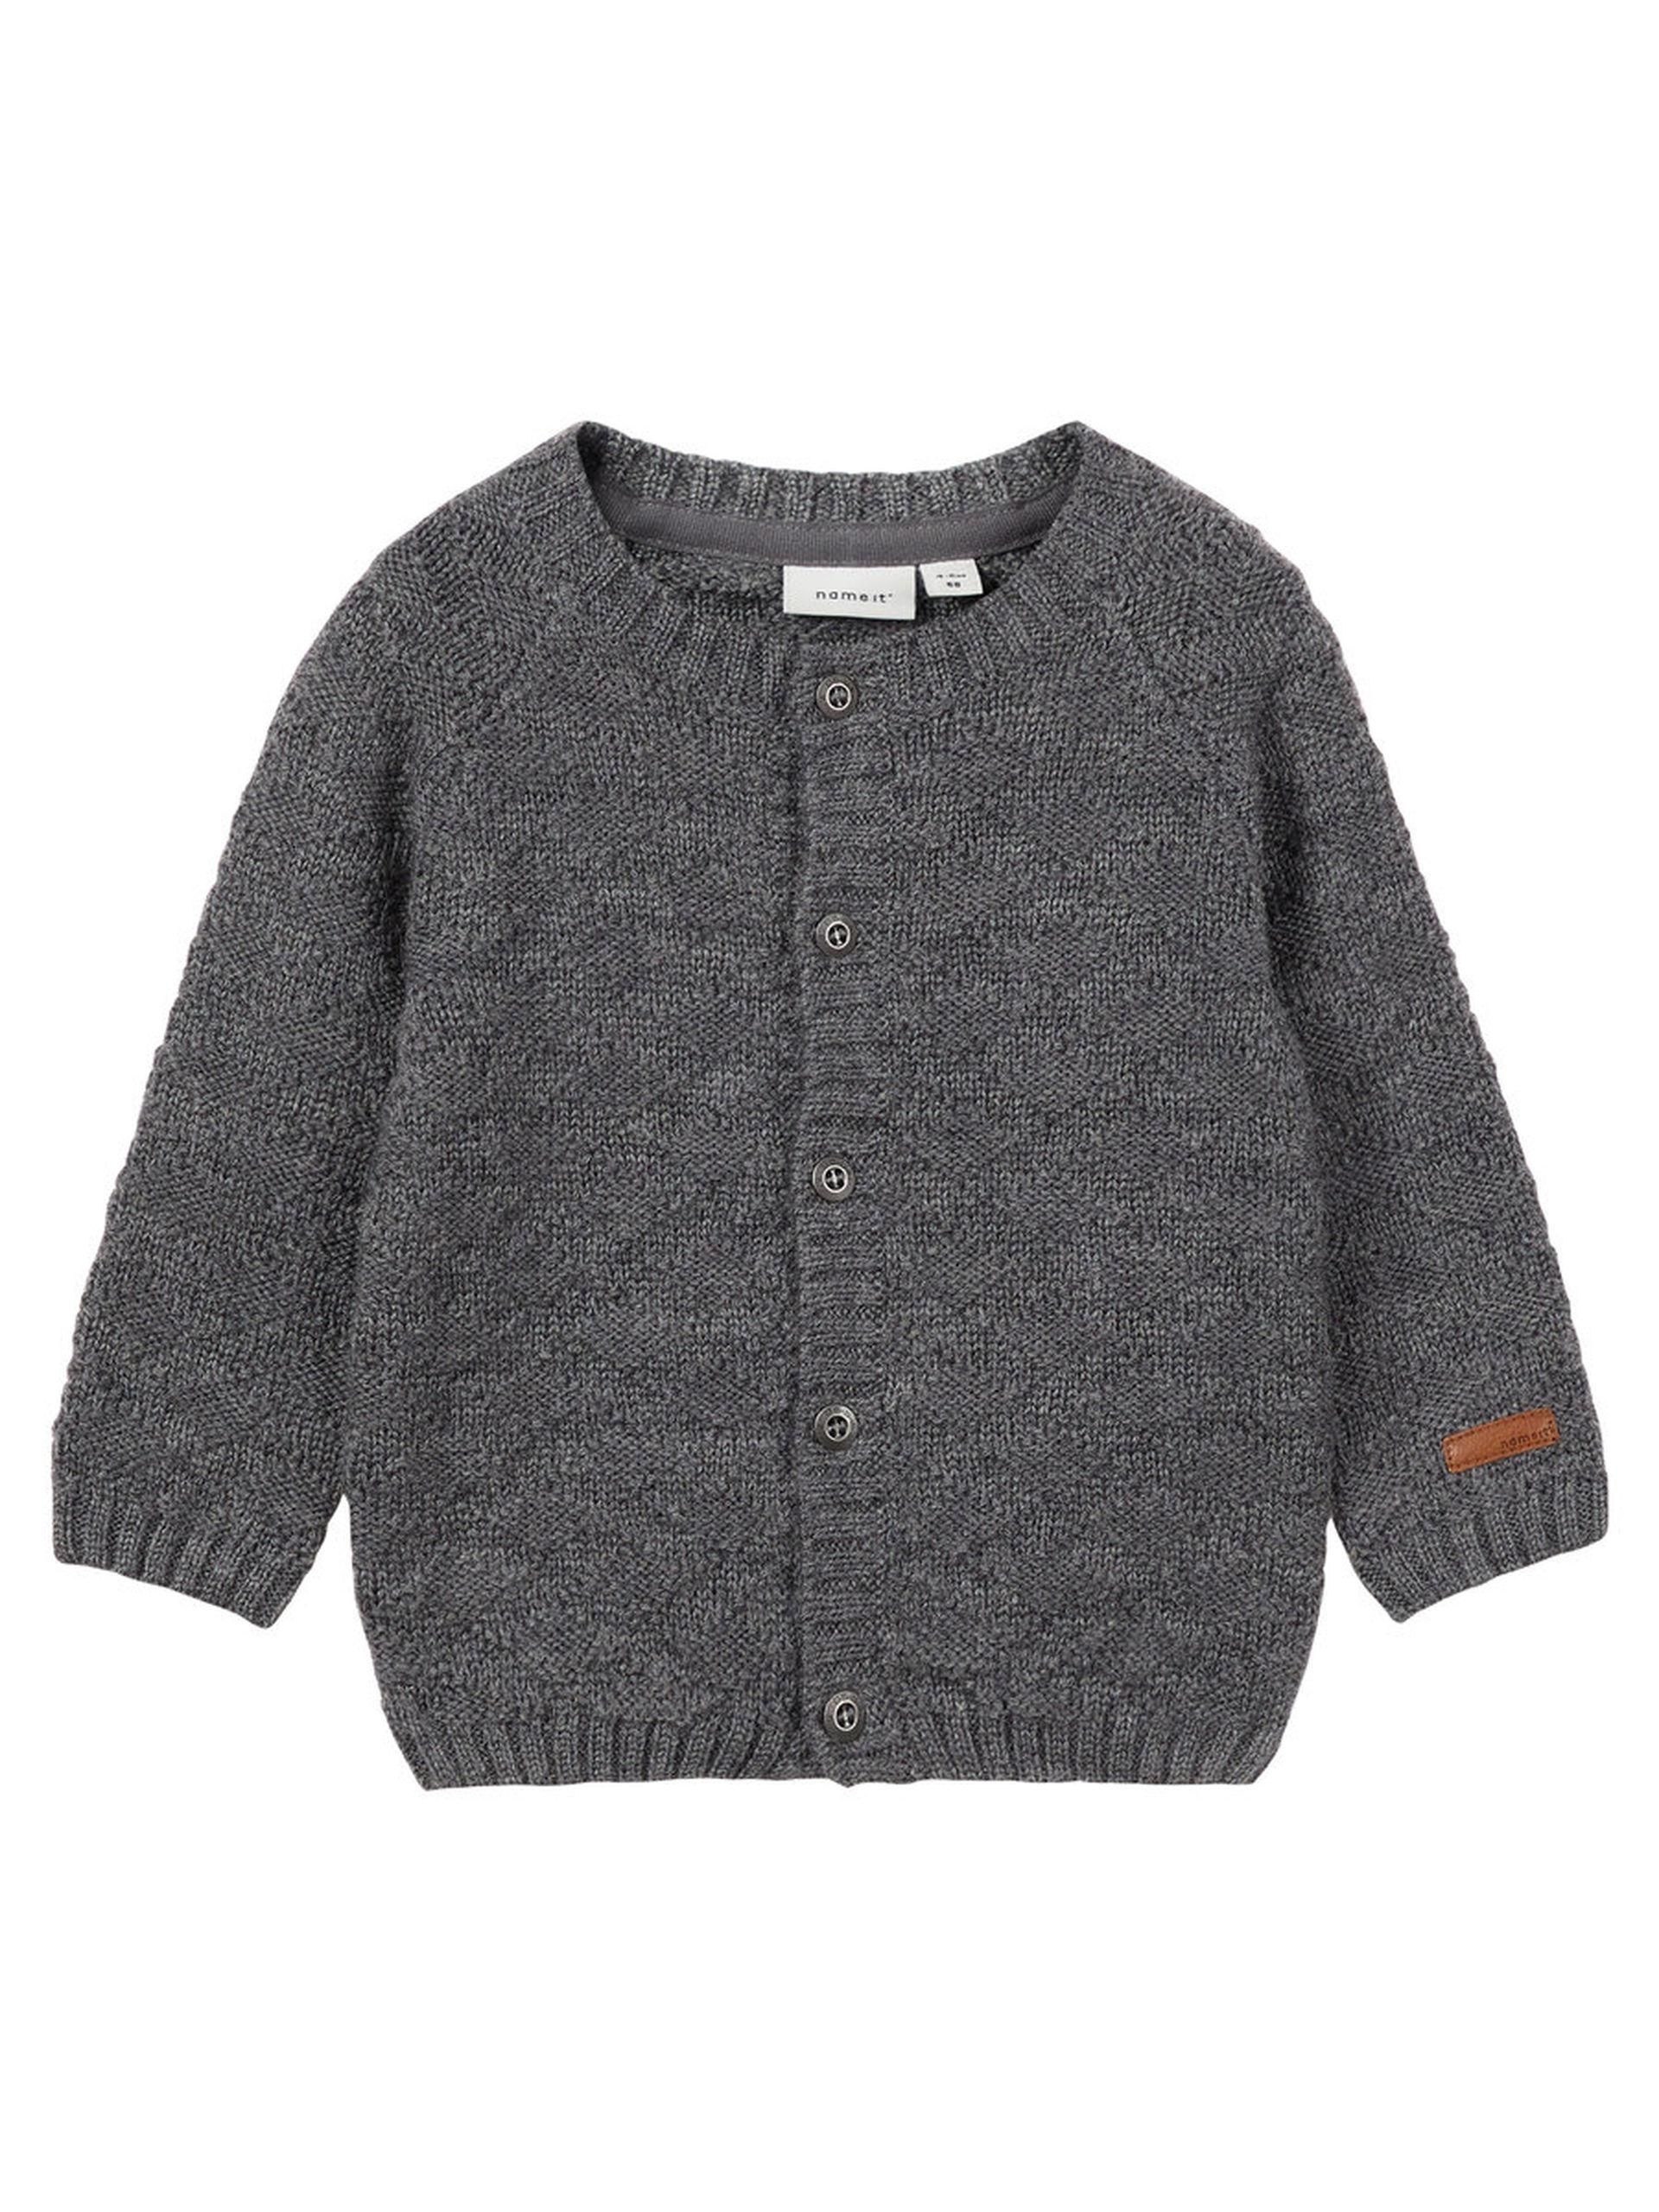 4612adb5 Ulltøy fra Name It, grå ulljakke til baby, ull til barn fra Name It ...